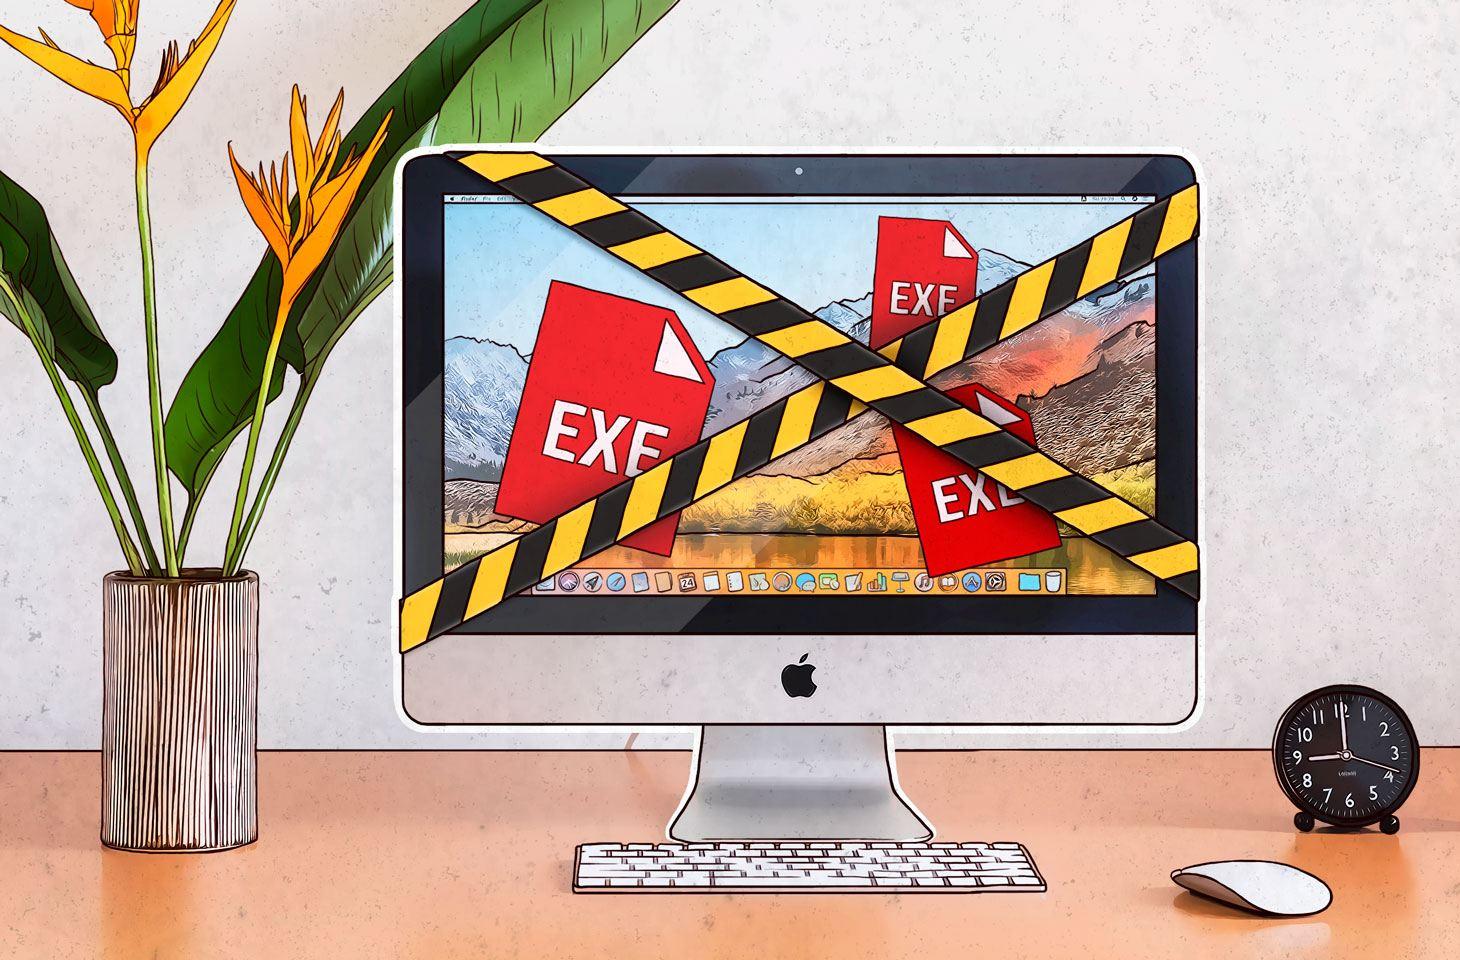 Atacurile de phishing care vizează utilizatorii de Mac și iOS au crescut